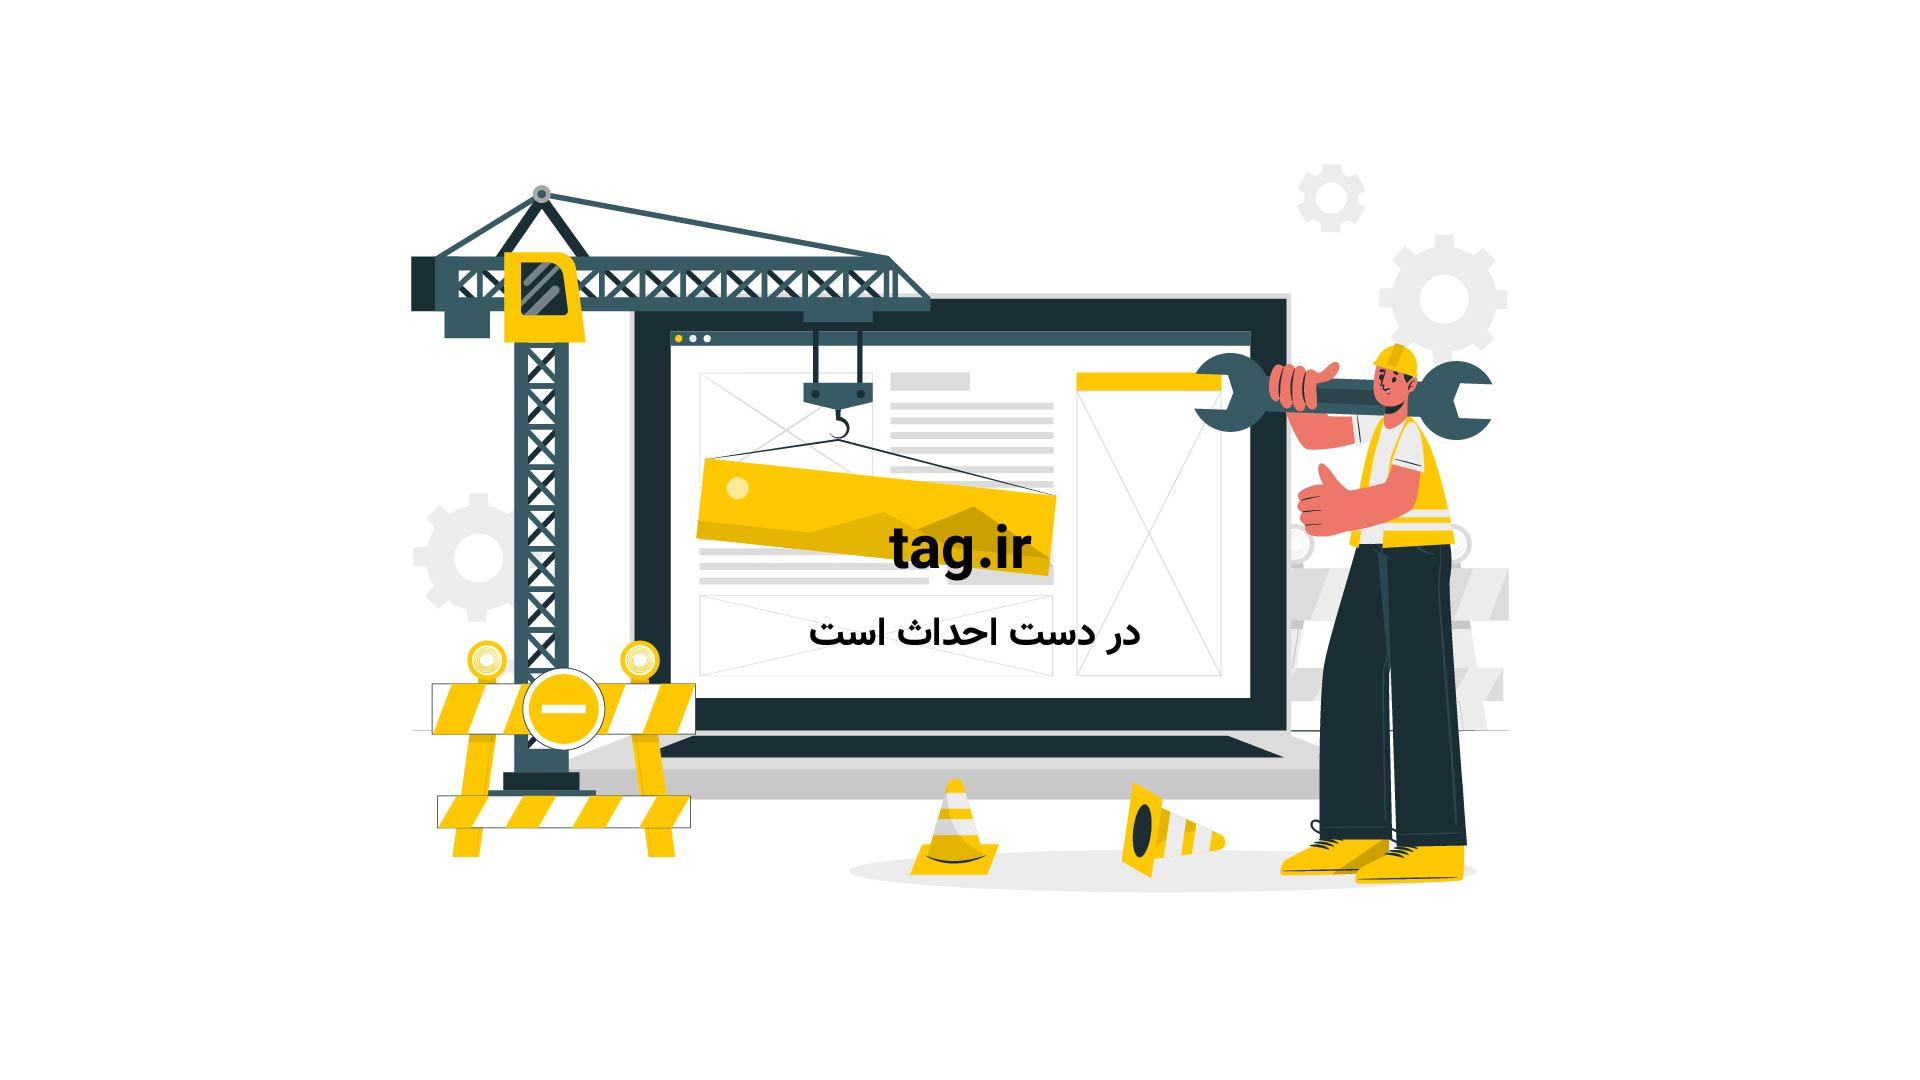 آموزش تعویض آب و هواگیری رادیاتور خودرو | فیلم